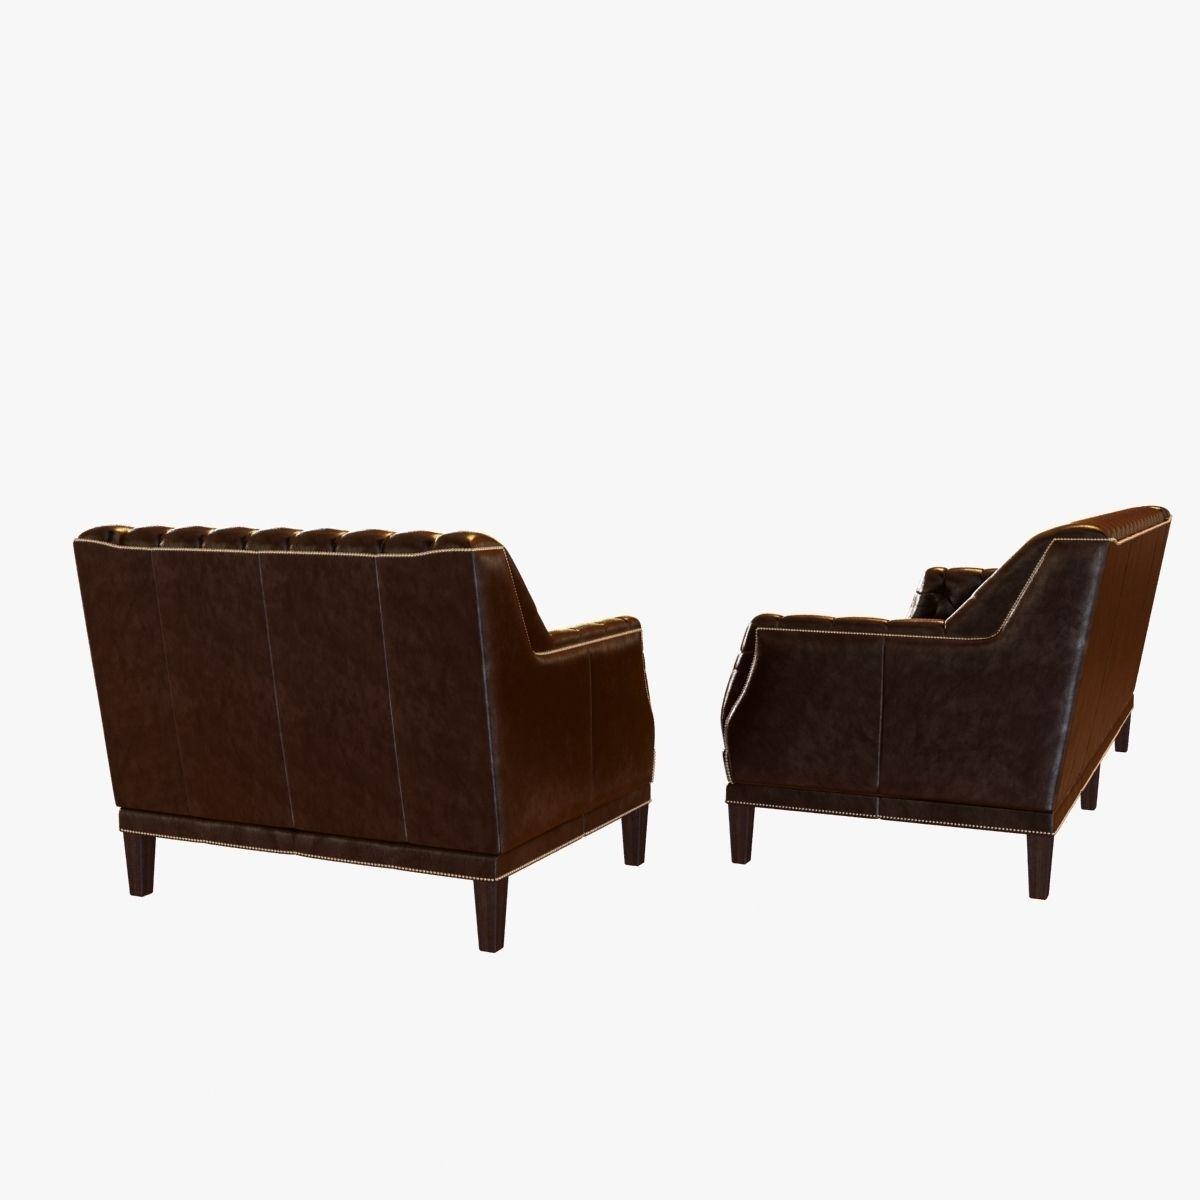 Bespoke custom sofa and chair 3d model max obj 3ds fbx for Sofa bespoke